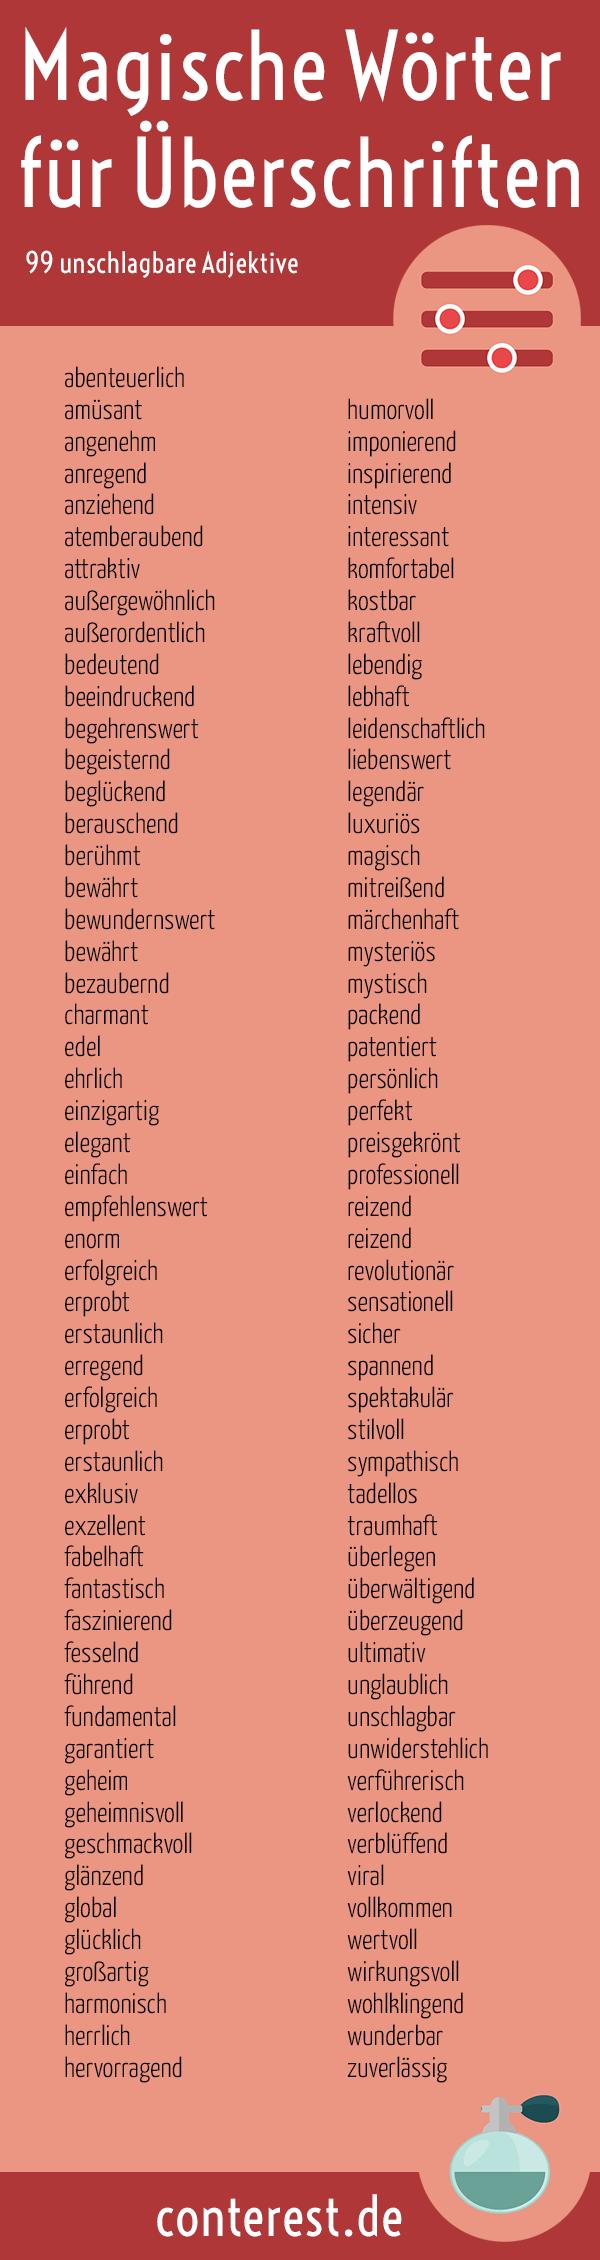 Wörter für Überschriften Infografik